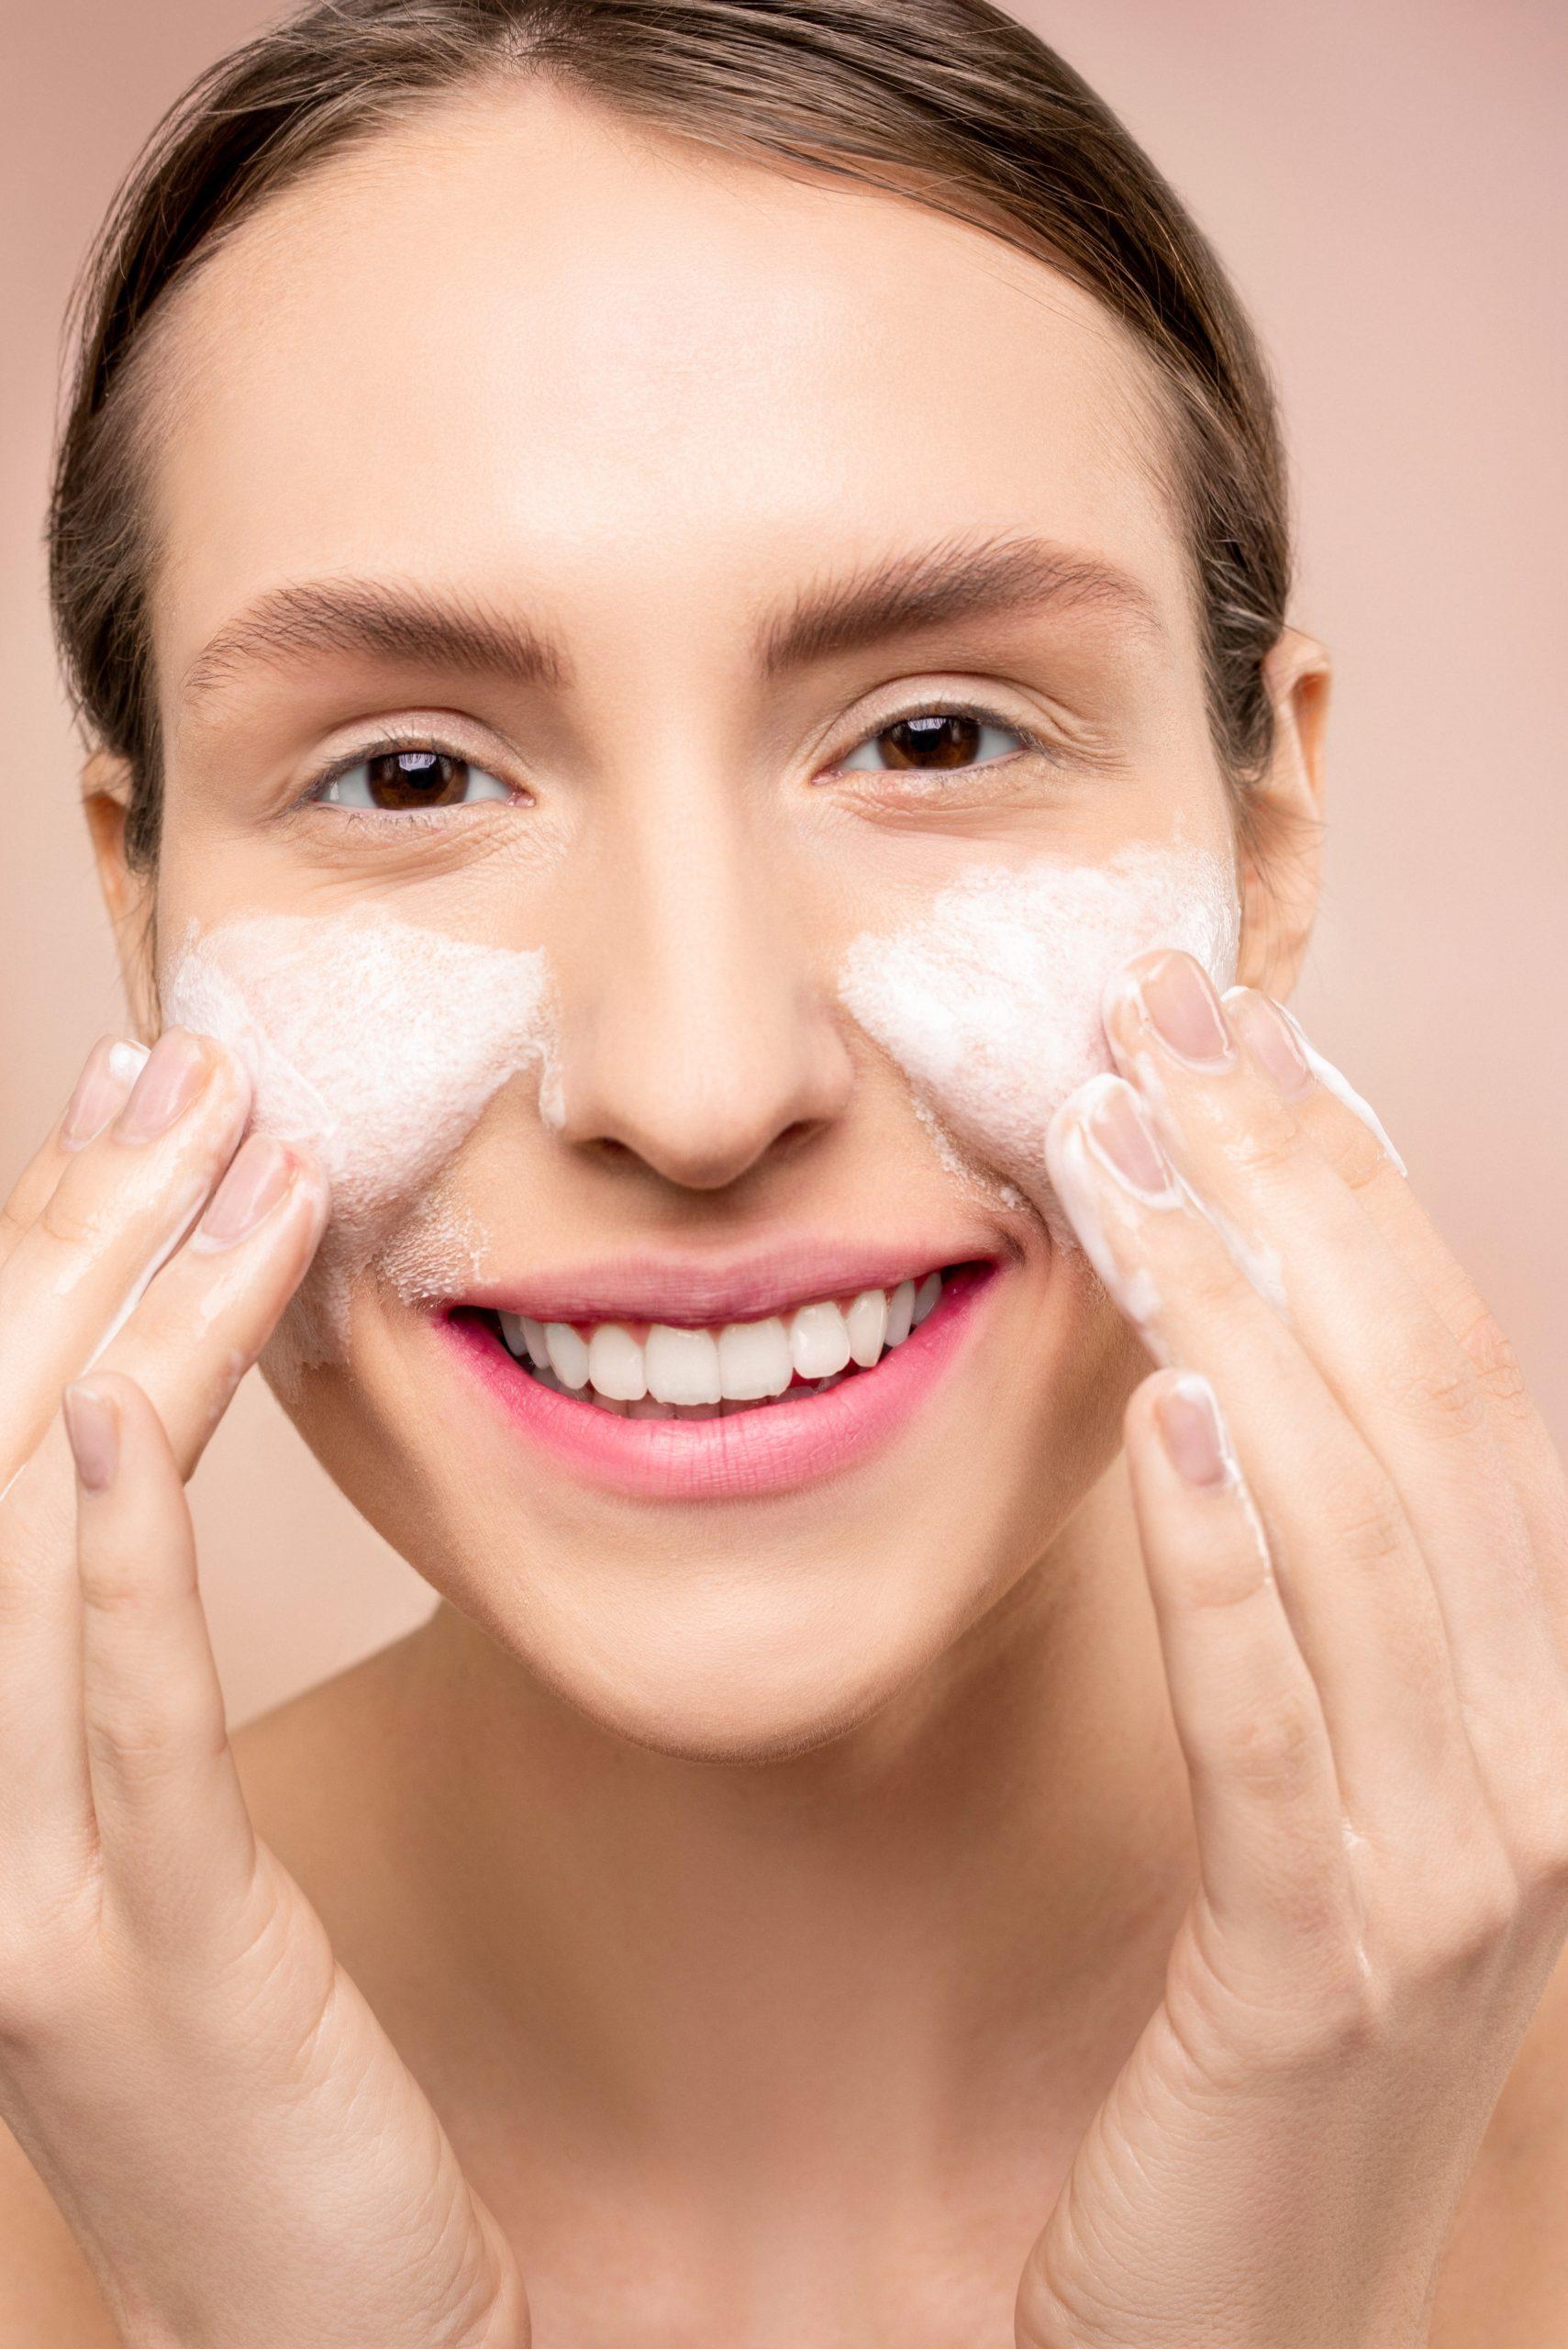 beneficios del bicarbonato de sodio en el rostro